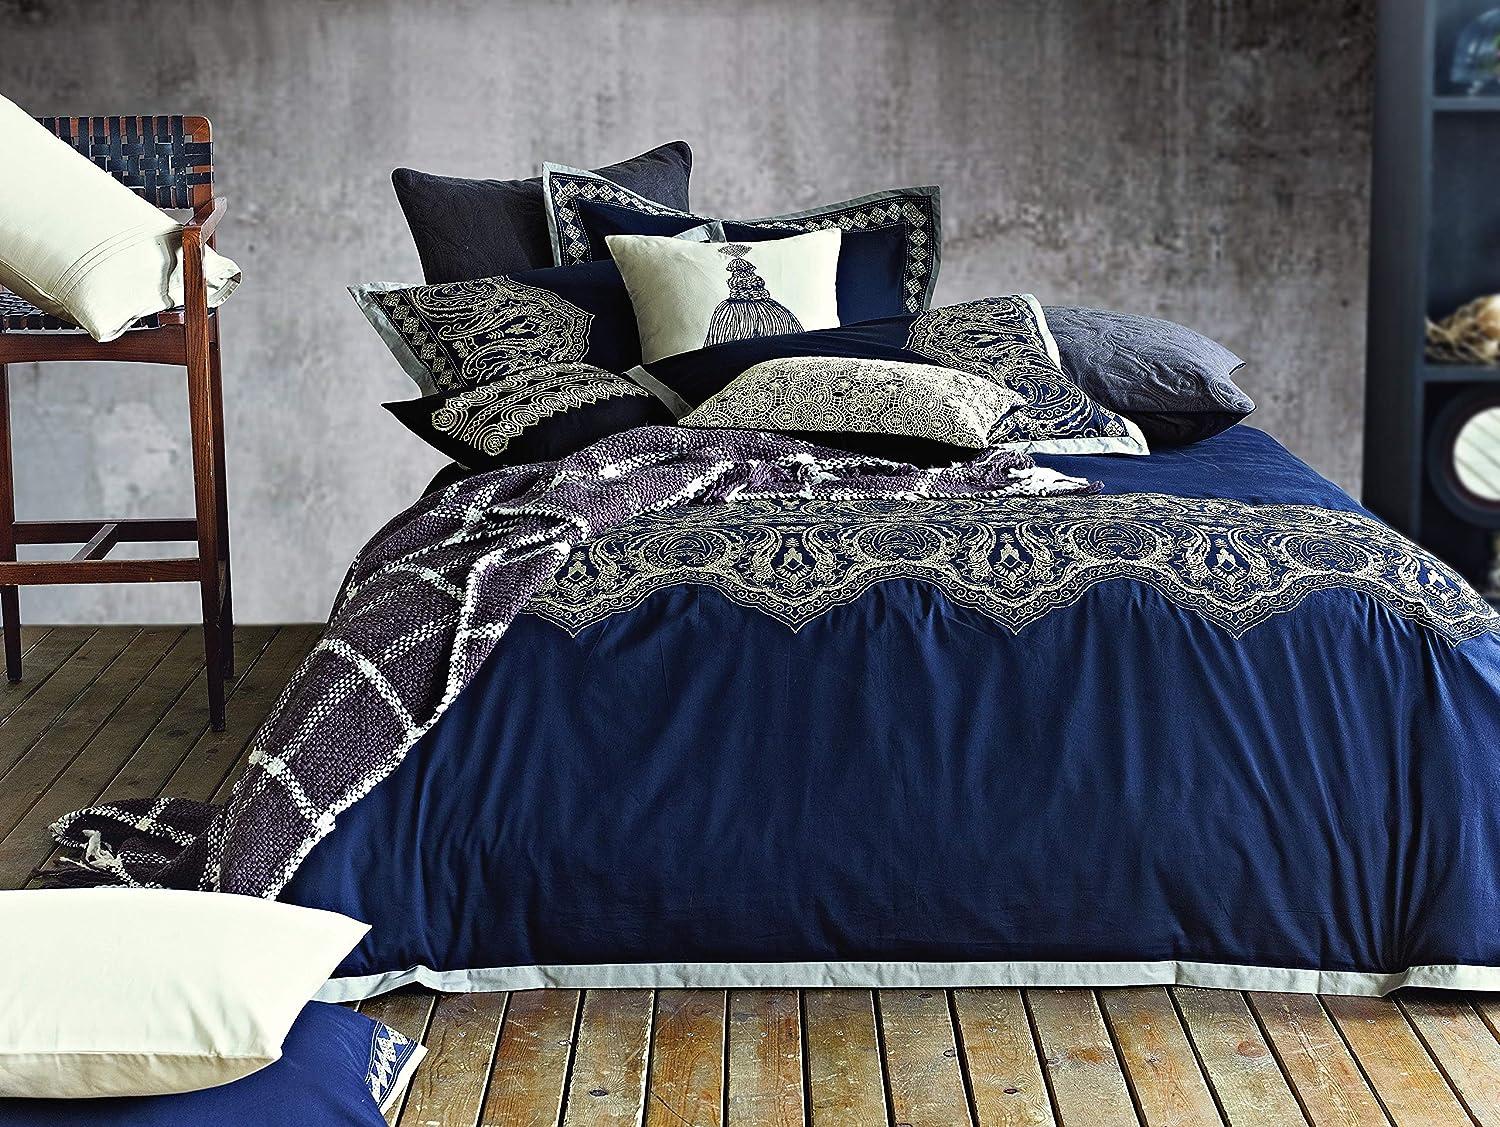 Melange Home Arabesque Embroidery Duvet Set, King, Navy